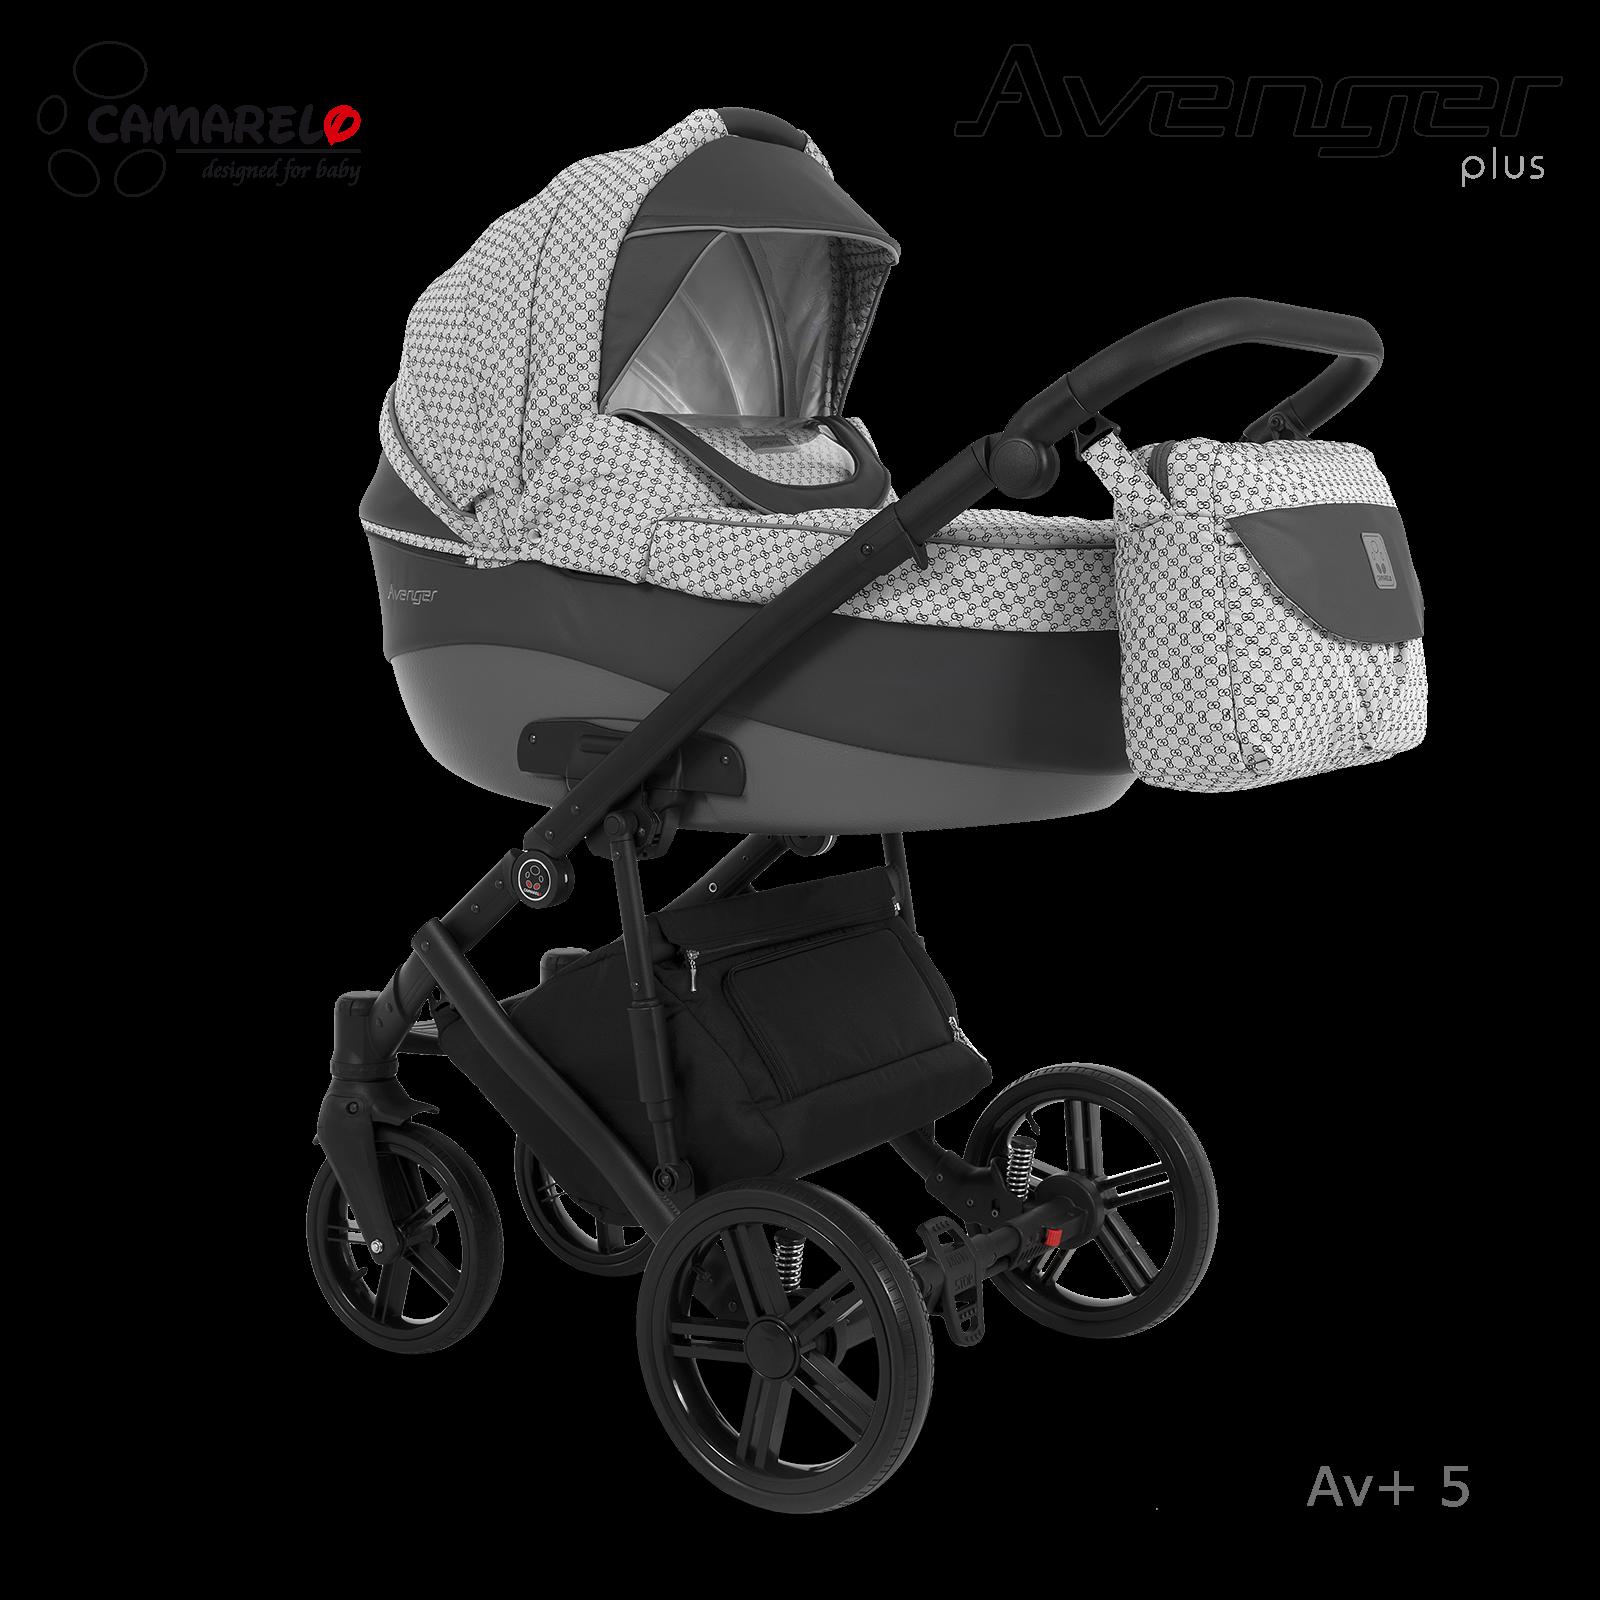 Carucior copii 3 in 1 Avenger Plus AV+5 Camarelo imagine